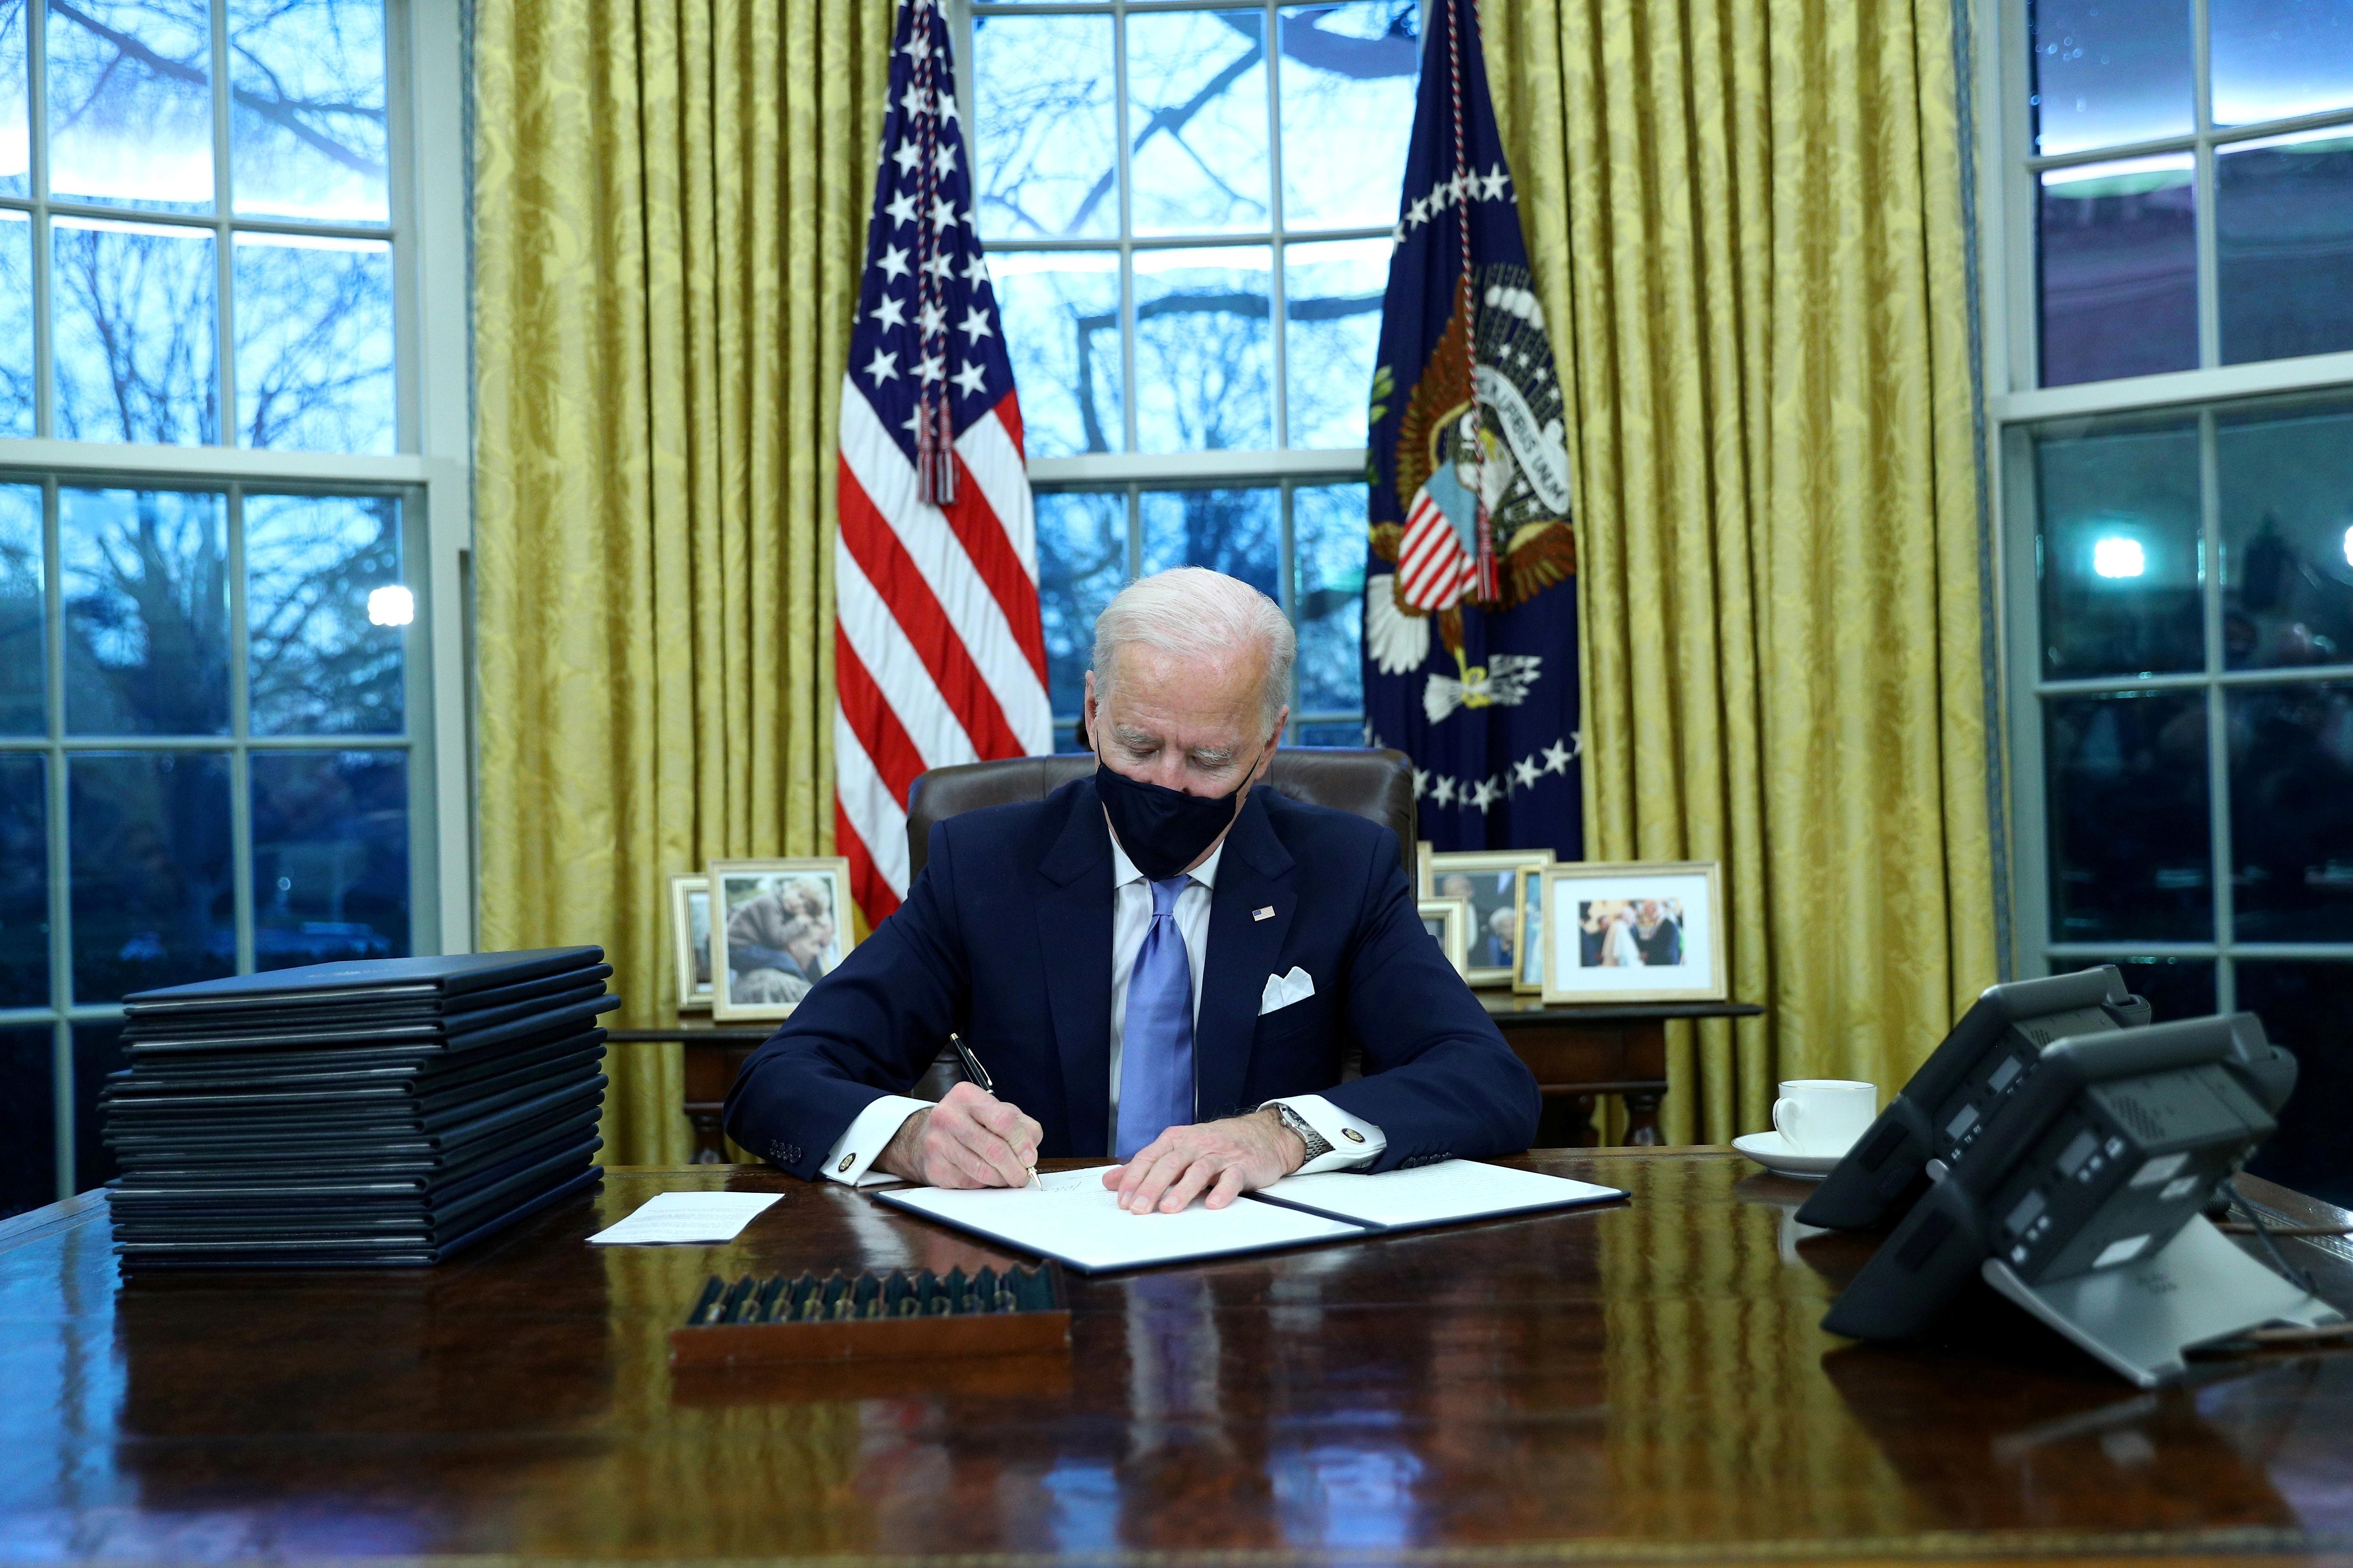 جو بایدن اولین مورد خود را امضا می کند